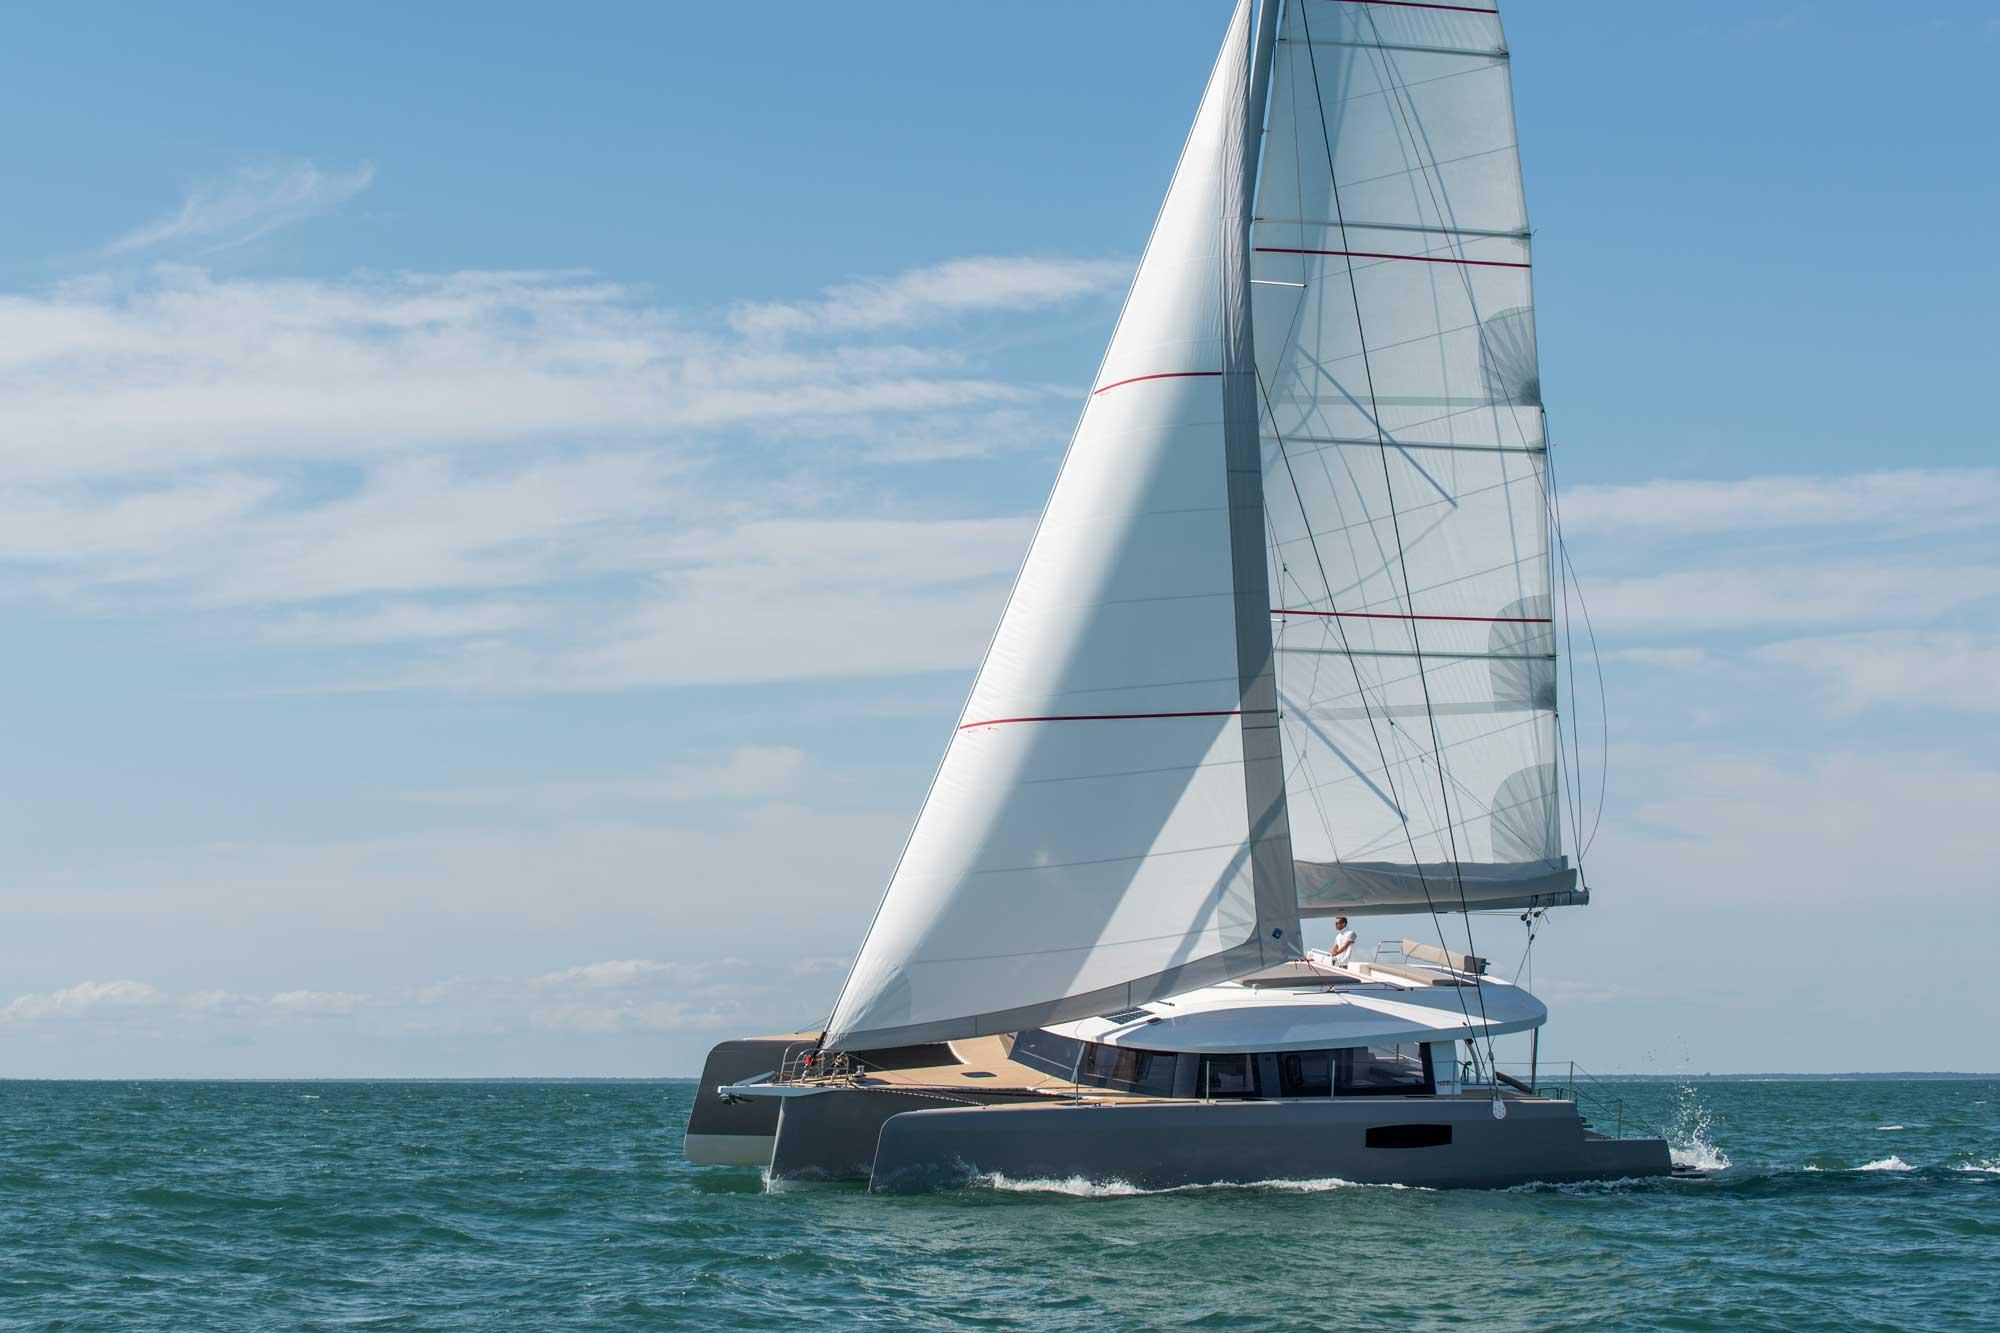 Trimaran NEEL 51 segelt am Wind